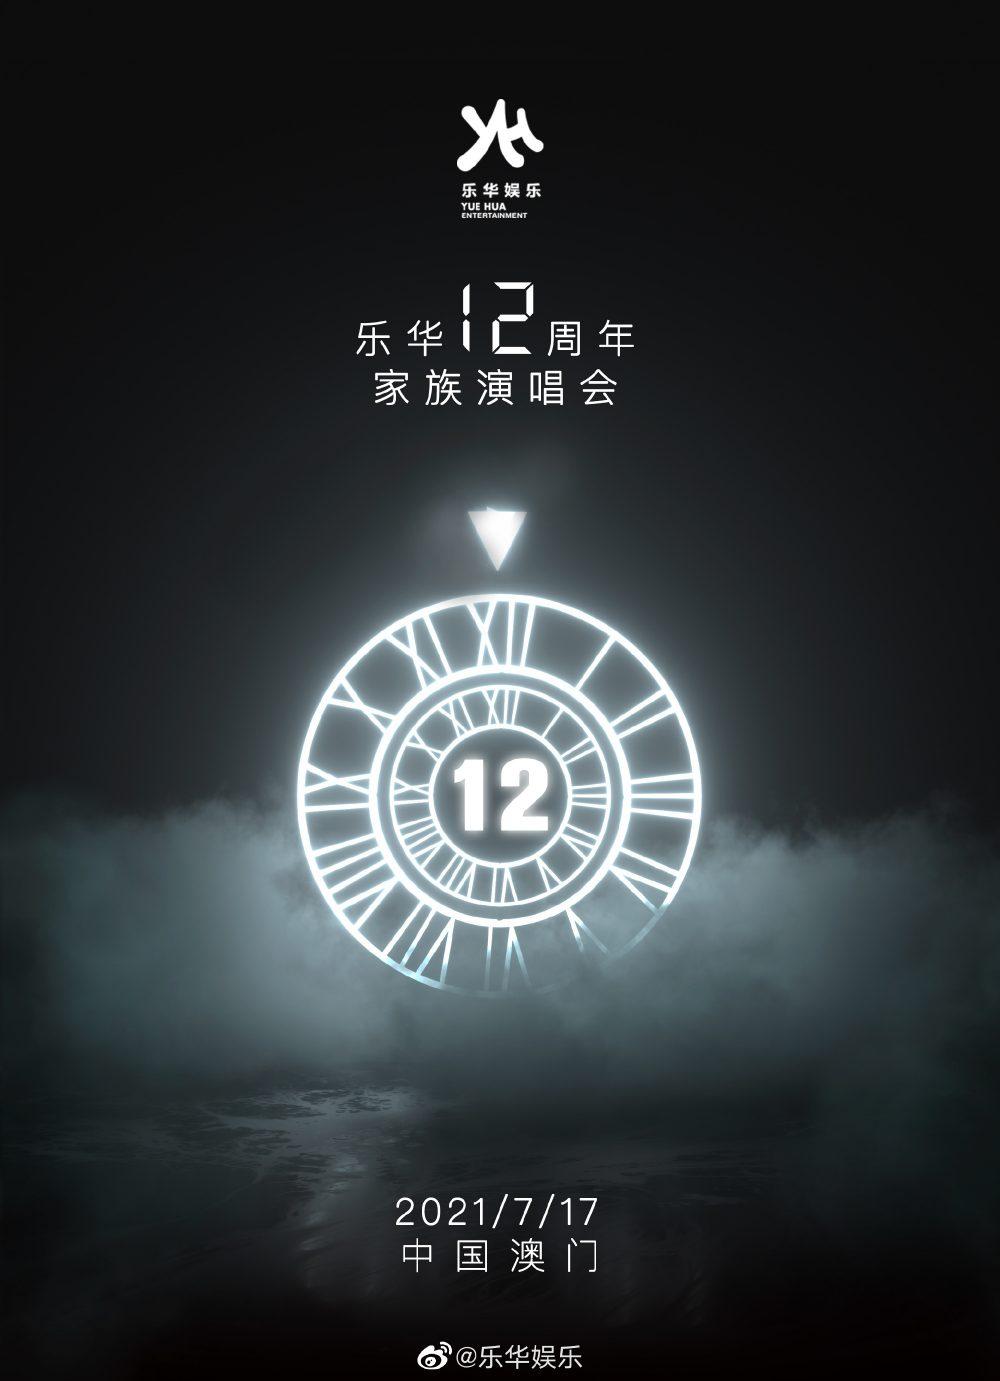 乐华12周年演唱会官宣!王一博、李汶翰、乐华NEXT、孟美岐等23组艺人重磅加盟-Woah.MY